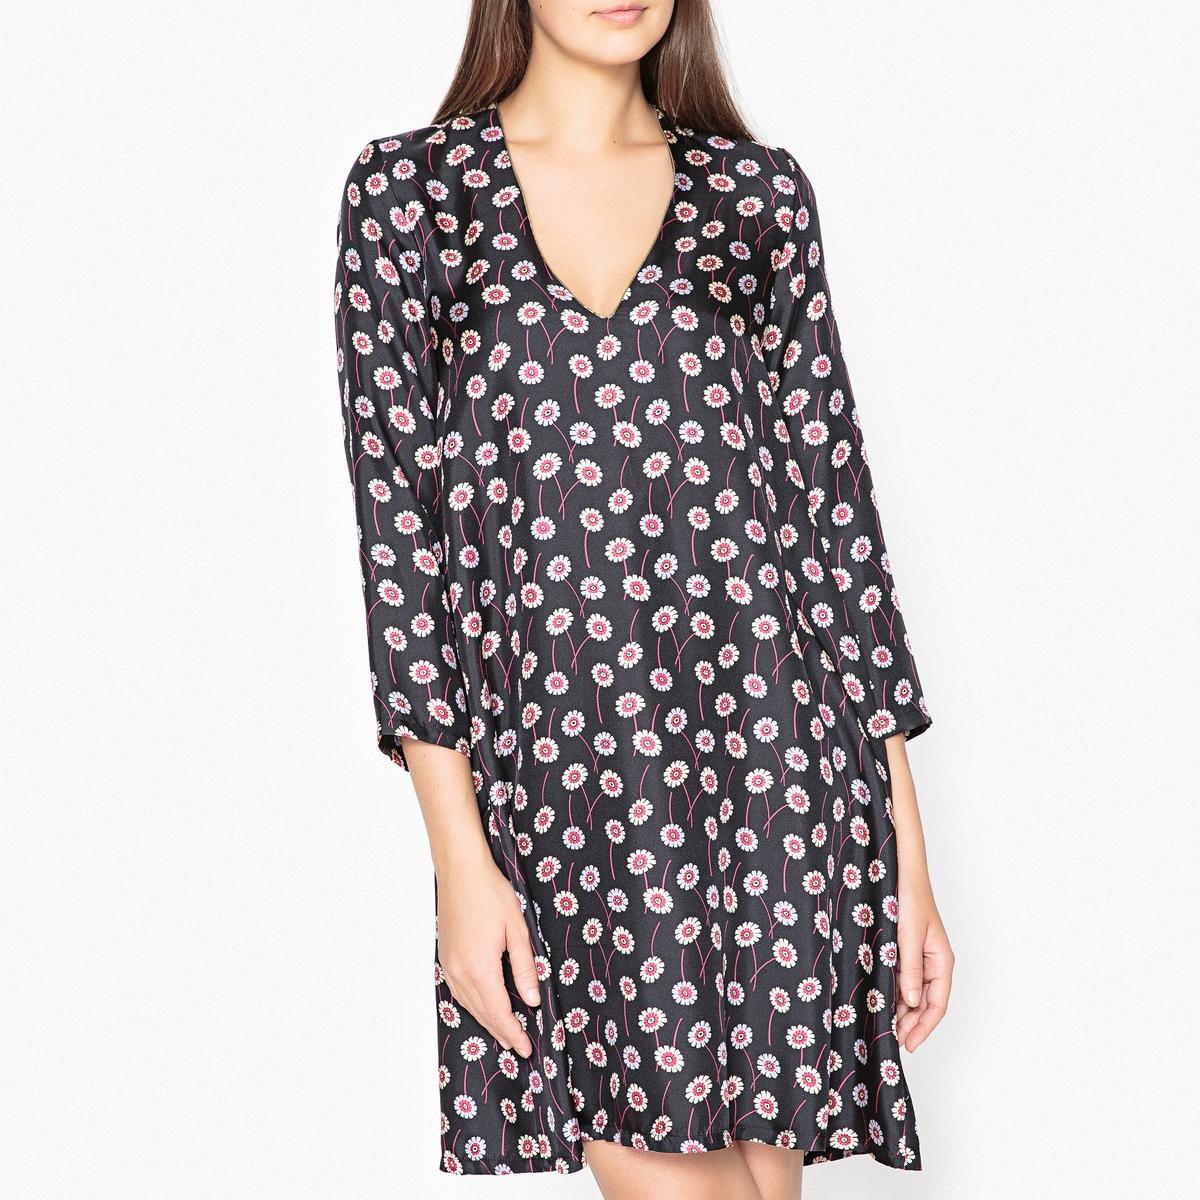 цена Платье с рисунком AUDE онлайн в 2017 году